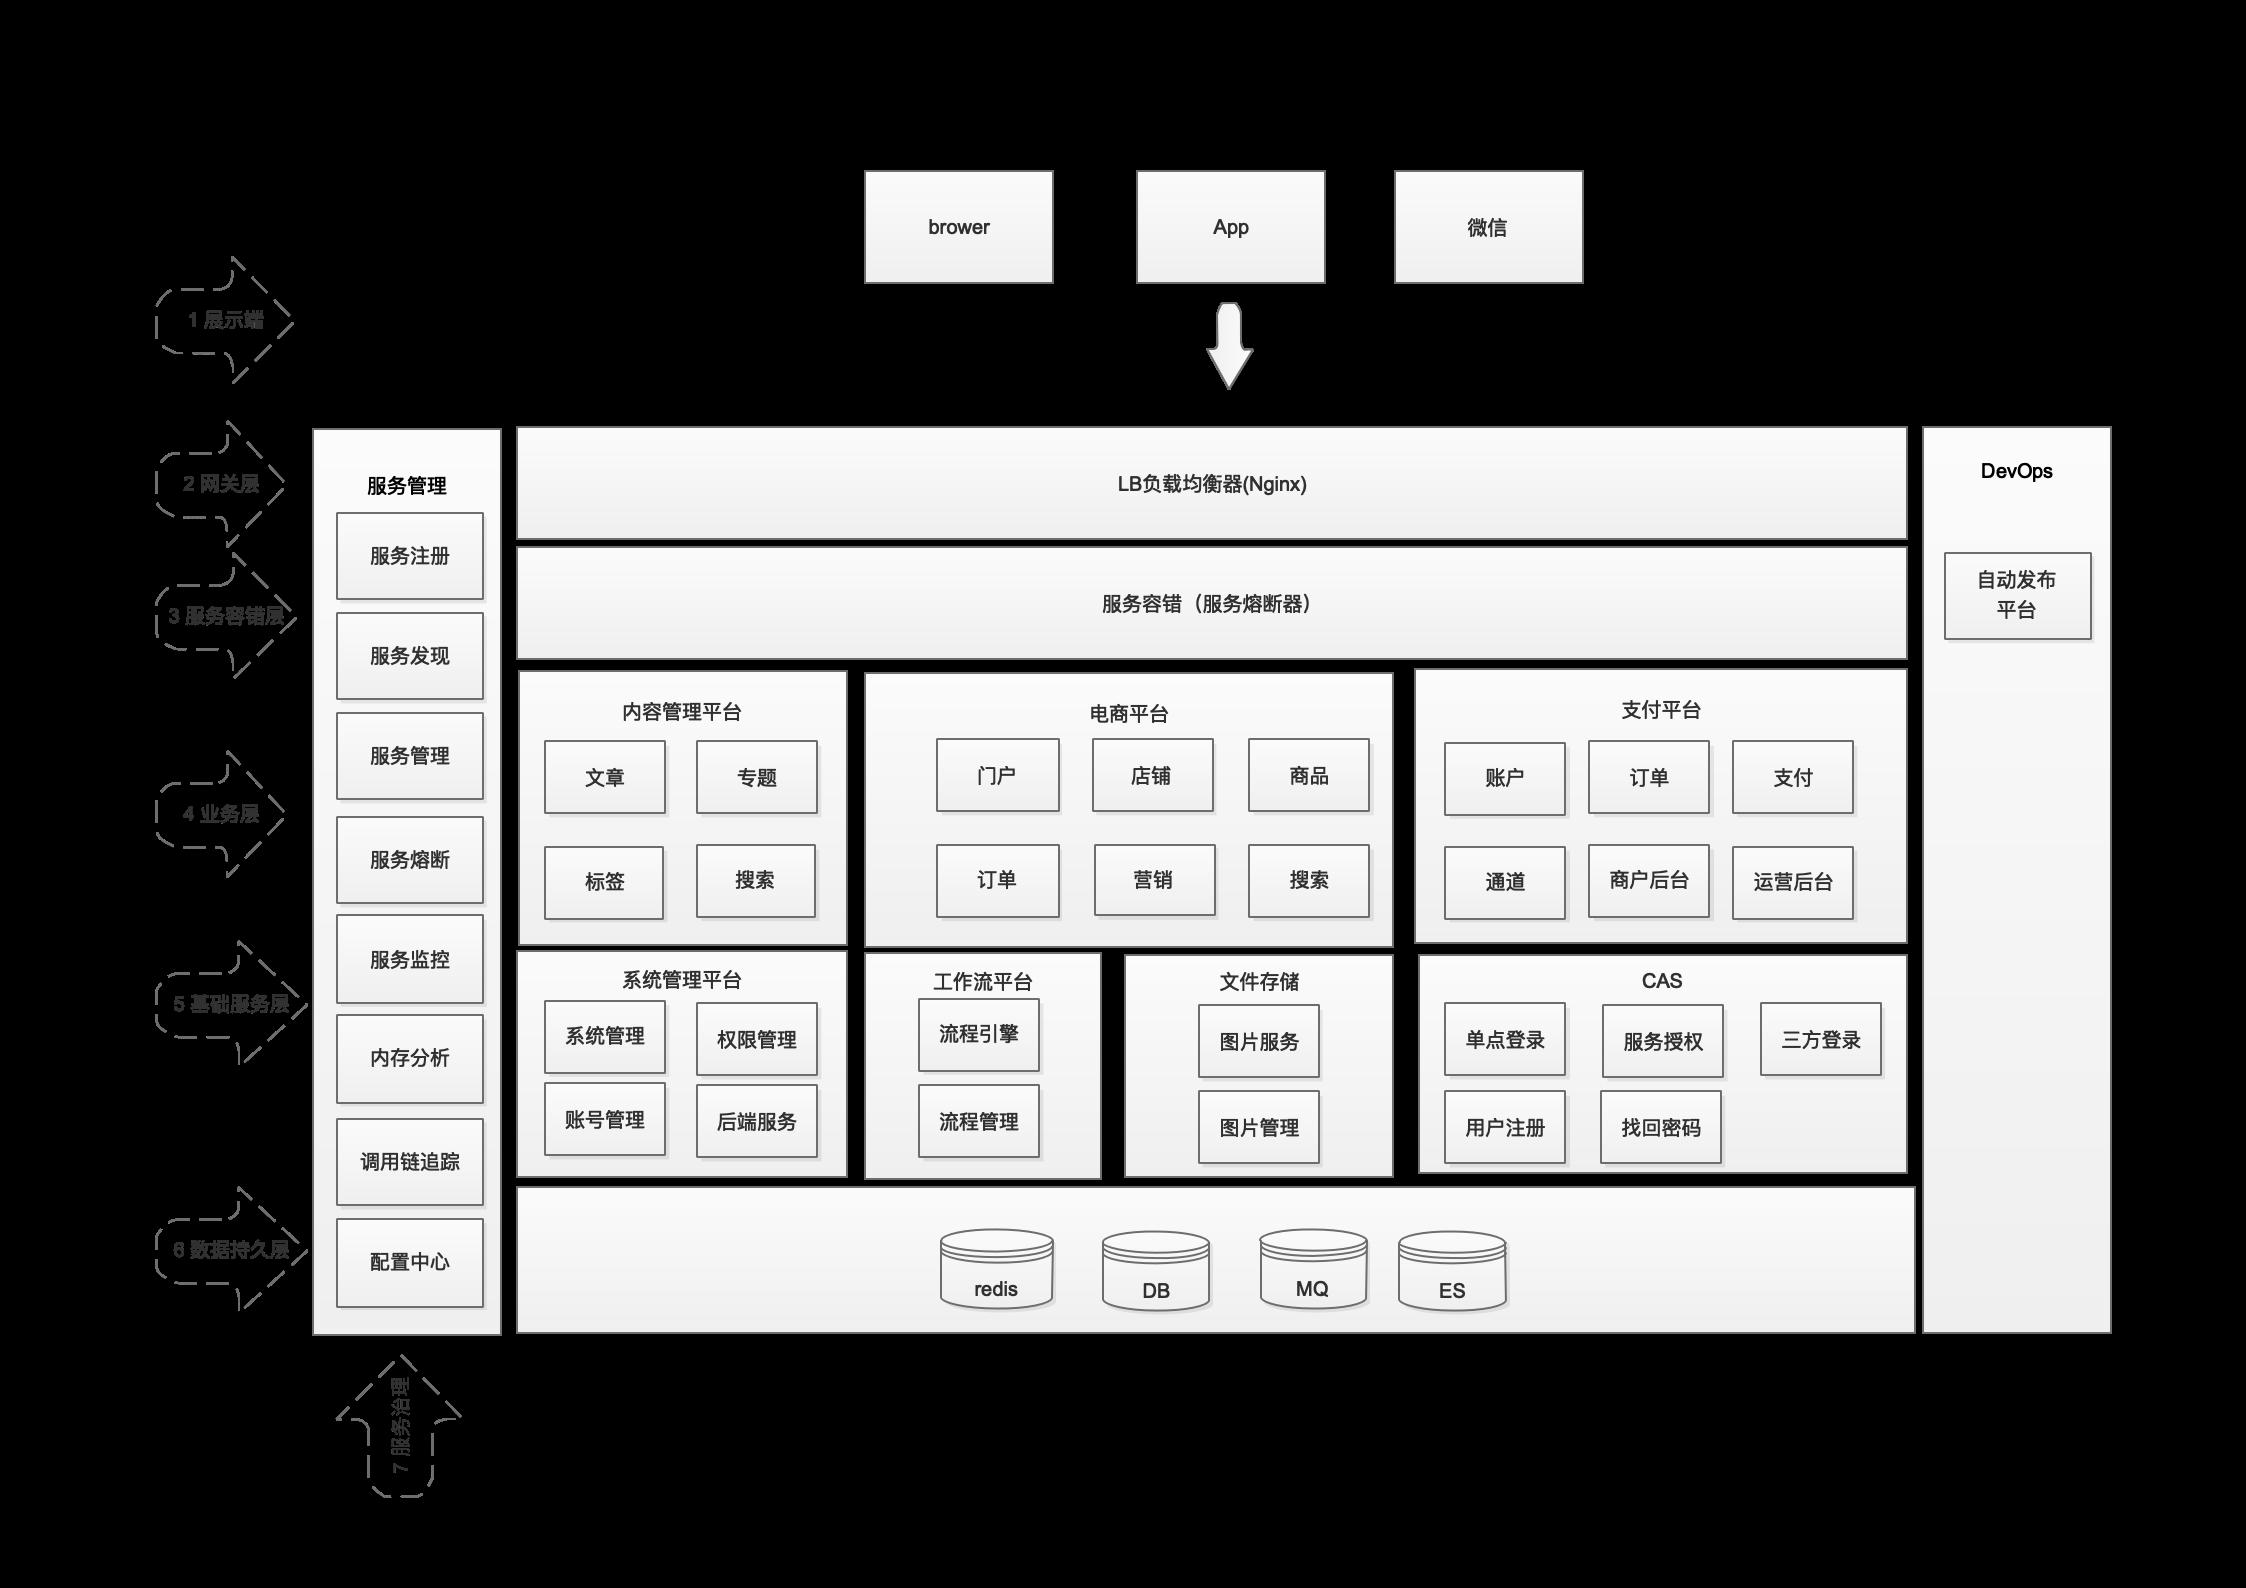 Jbone功能架构图